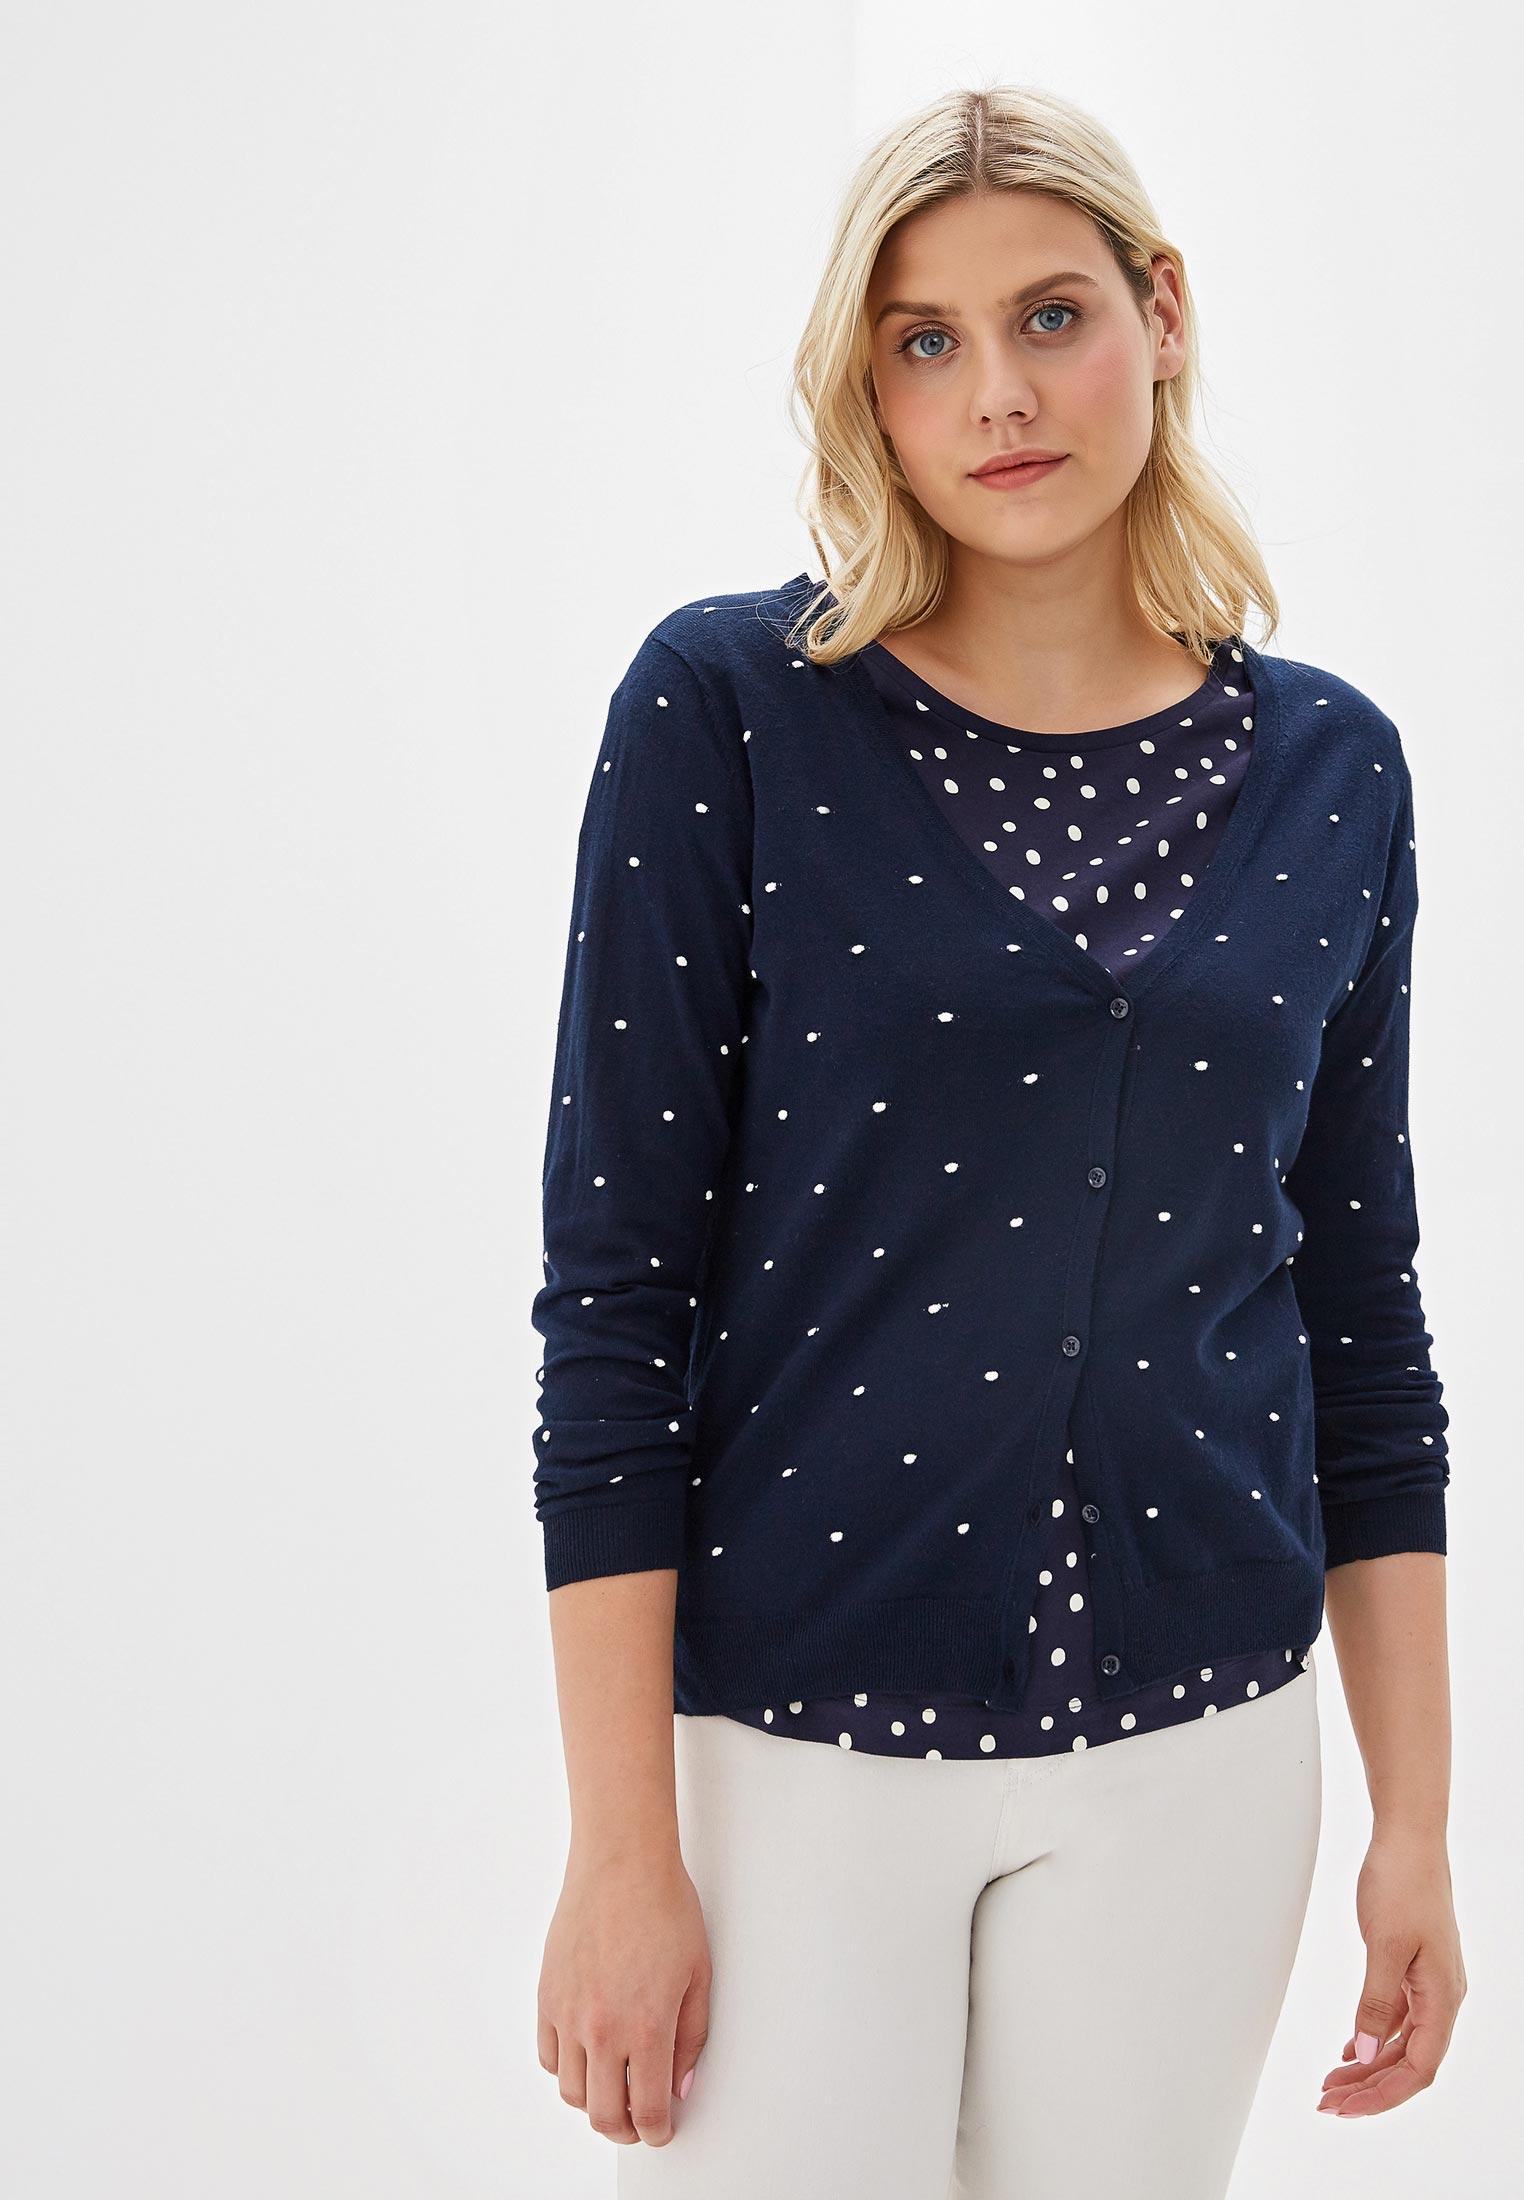 Кардиган, Violeta by Mango, цвет: синий. Артикул: VI005EWFRAF5. Одежда / Джемперы, свитеры и кардиганы